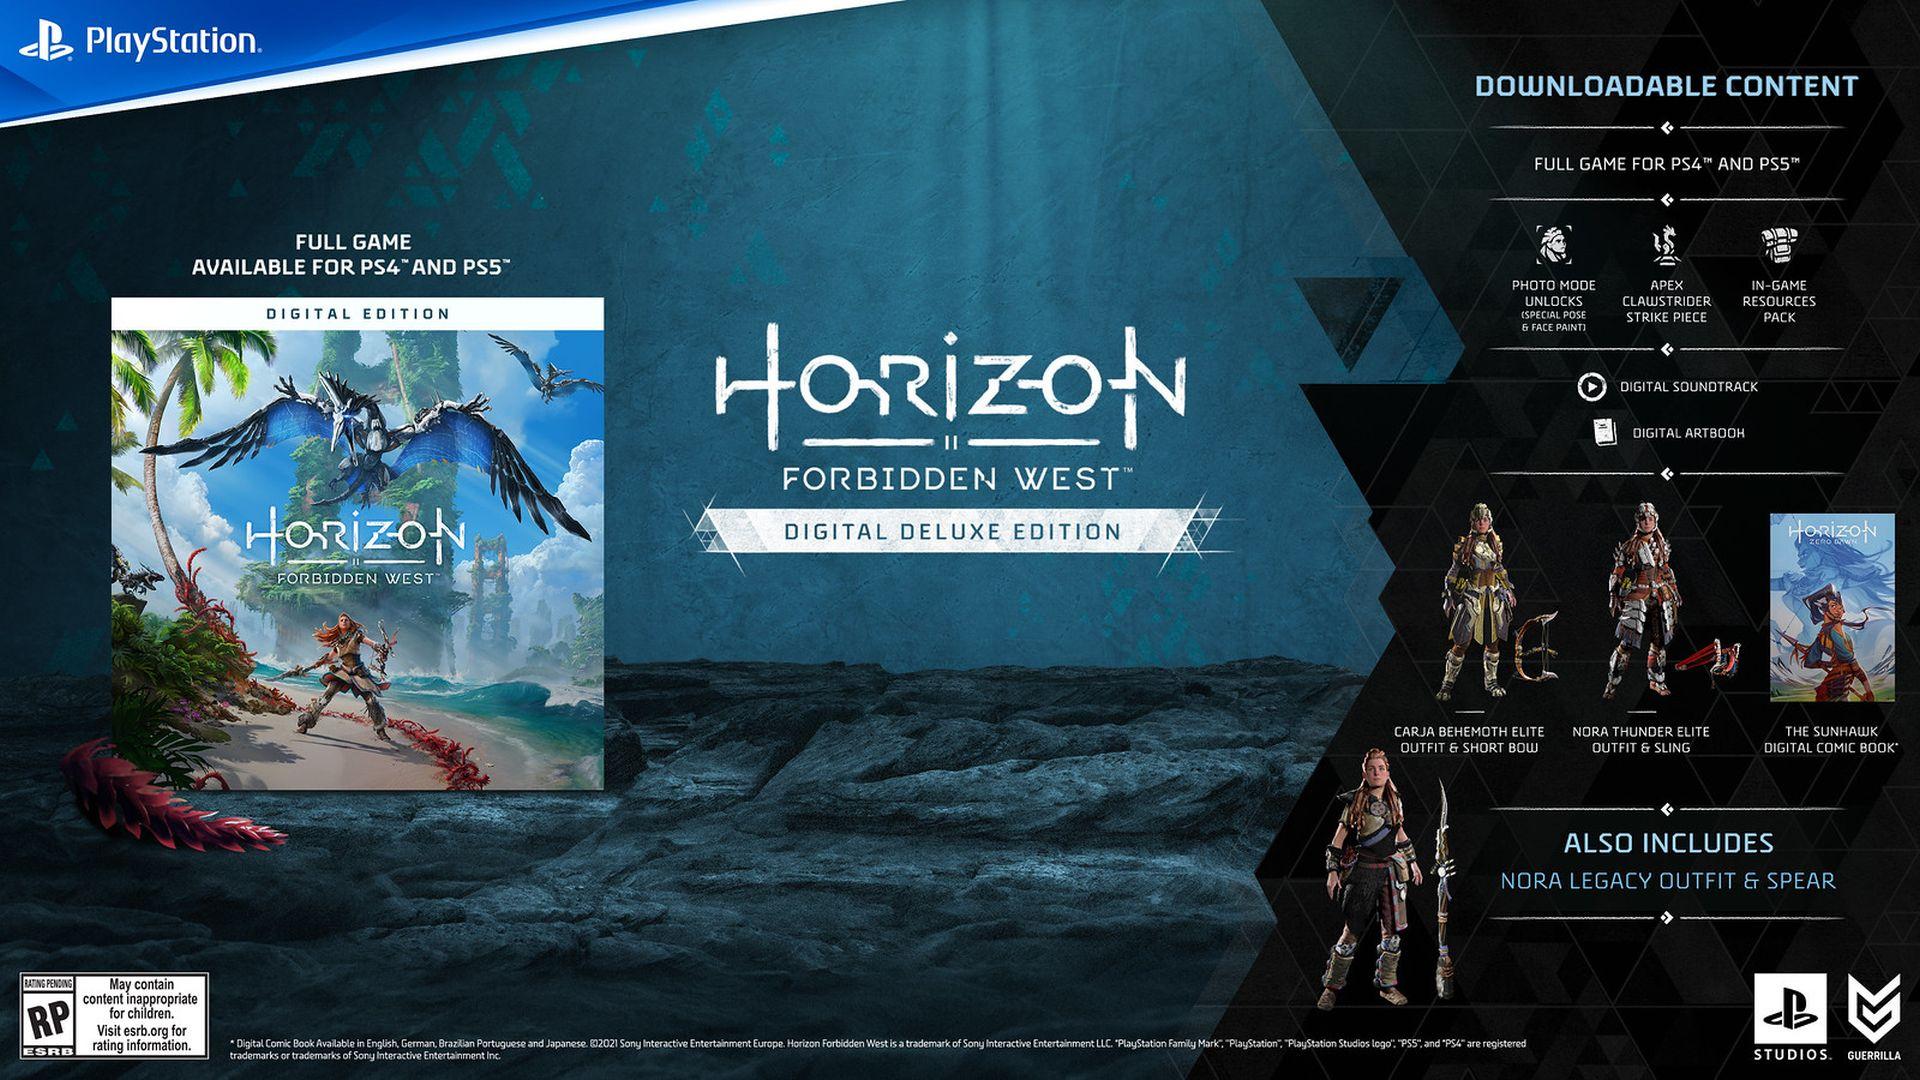 Horizon Forbidden West - Digital Deluxe Edition